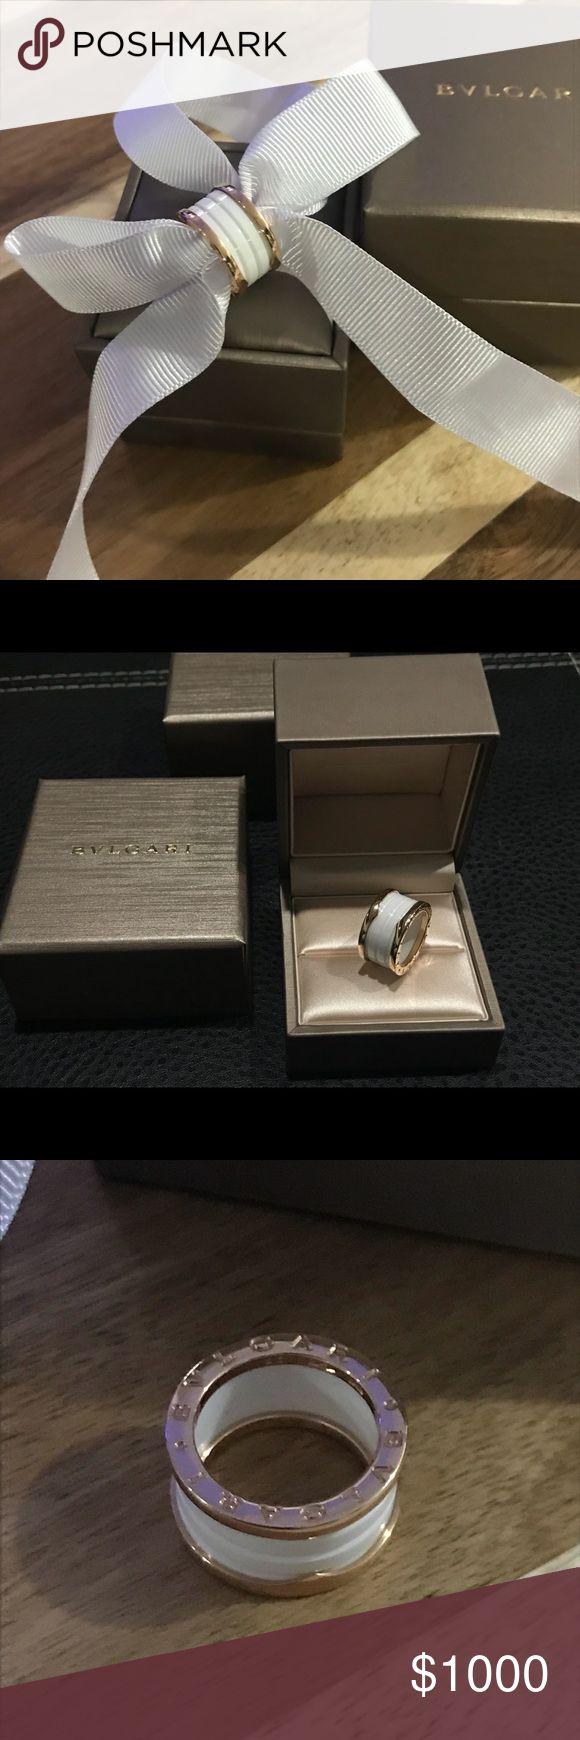 offers bvlgari bzero 1 ring